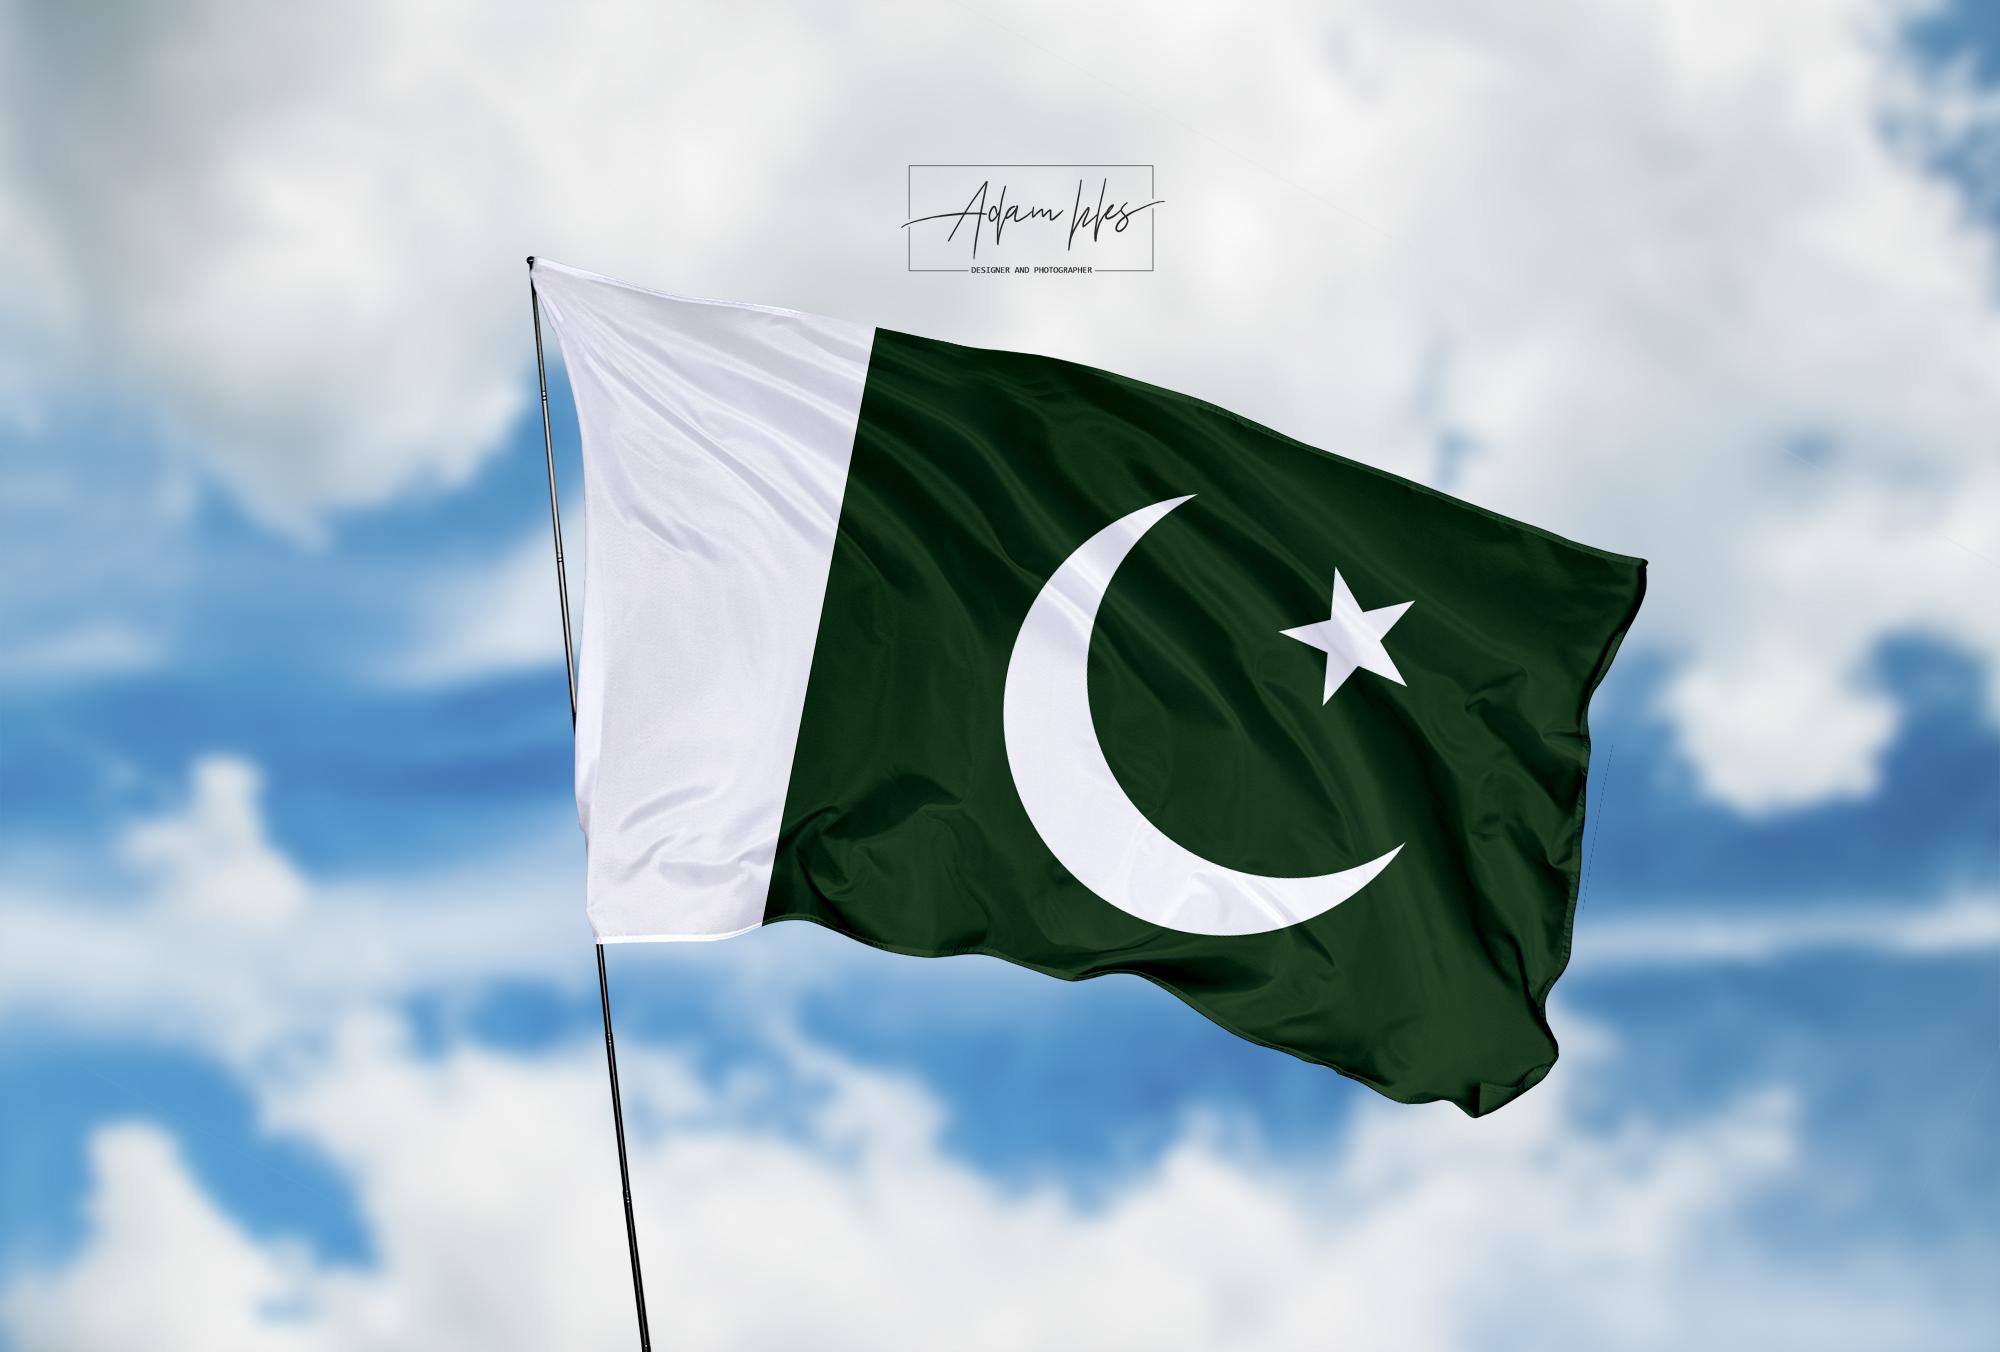 تحميل اجمل خلفية علم باكستان يرفرف في السماء - اجمل خلفيات باكستان الرائعة